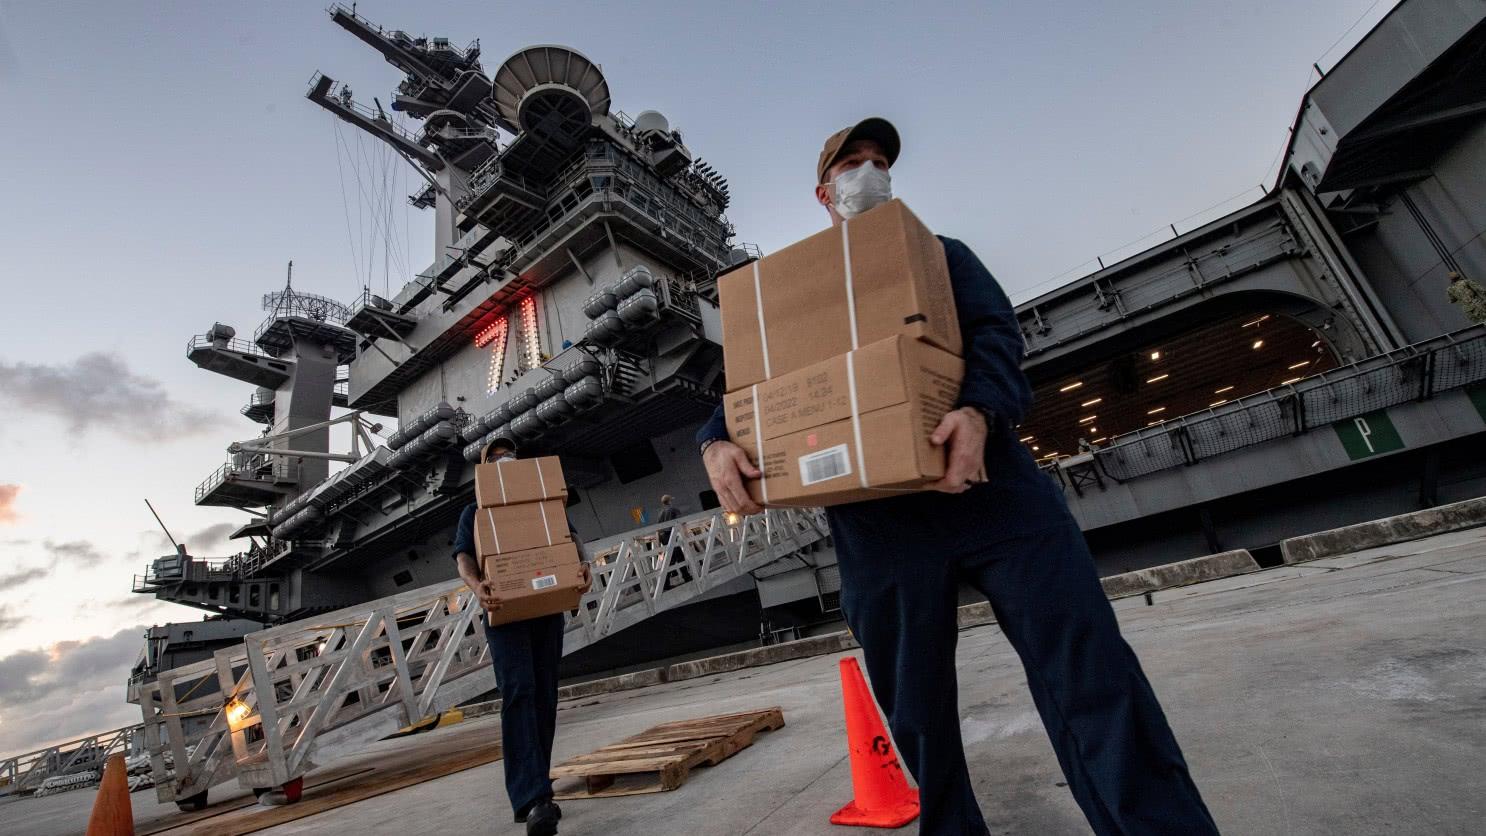 美军航母水兵伙食有多好?蔬菜生鲜食品全有,比陆军吃的要好